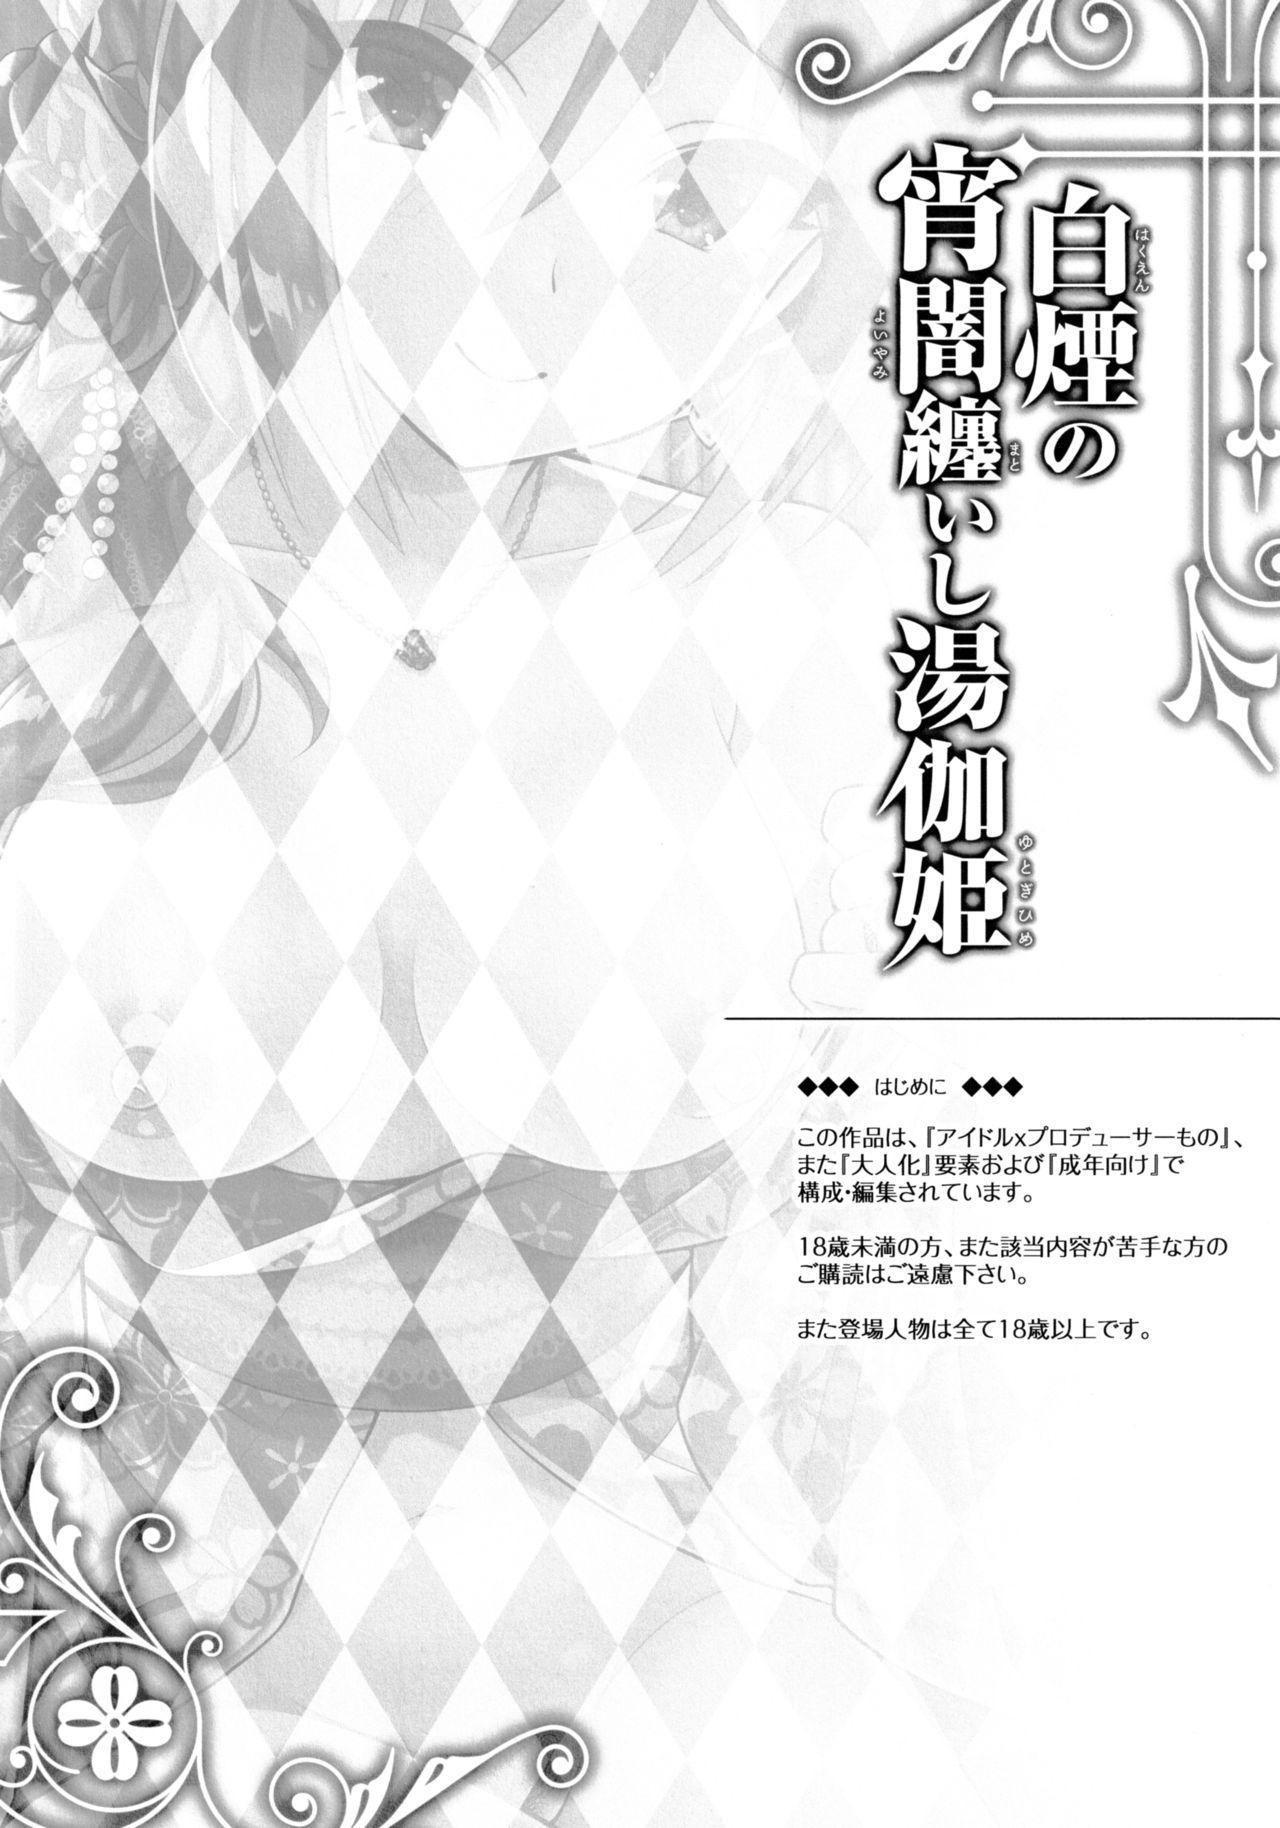 Hakuen no Yoiyami Matoishi Yutogihime 2